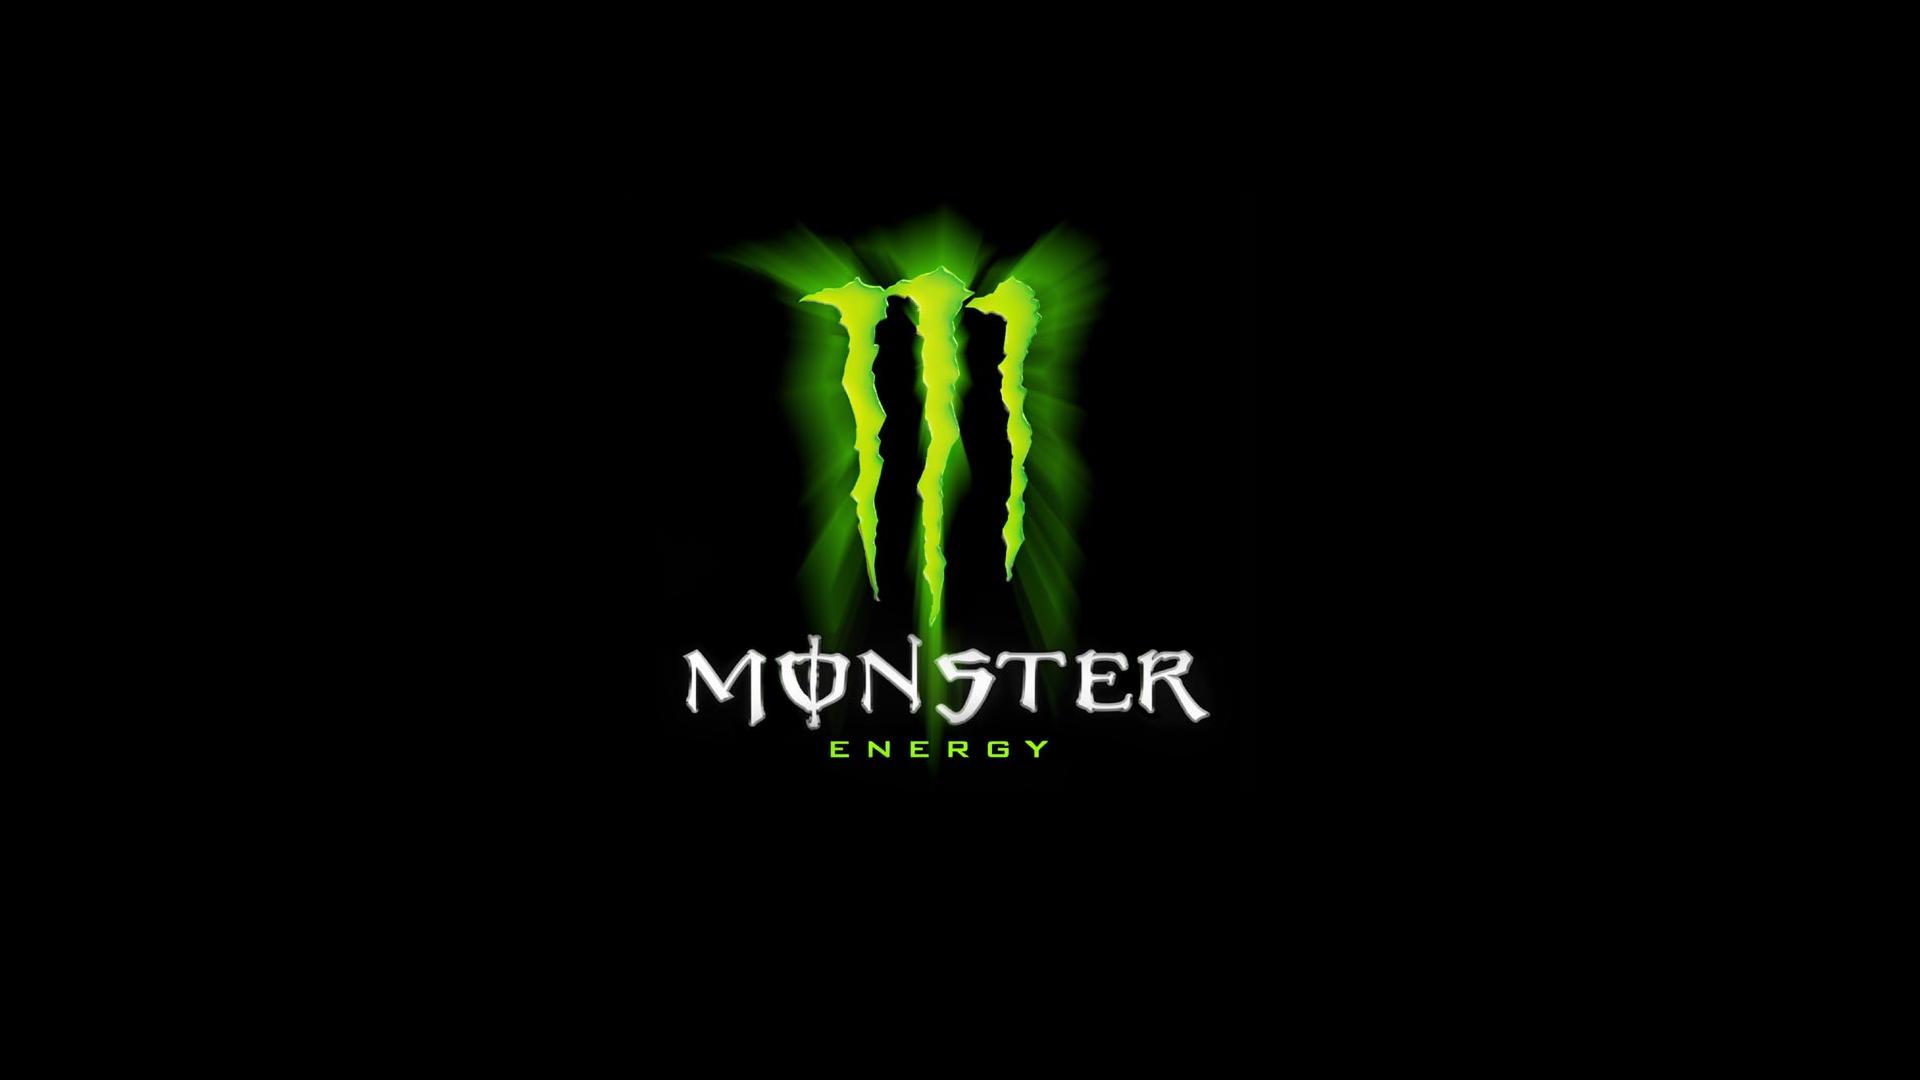 monster energy hd wallpaper 54110